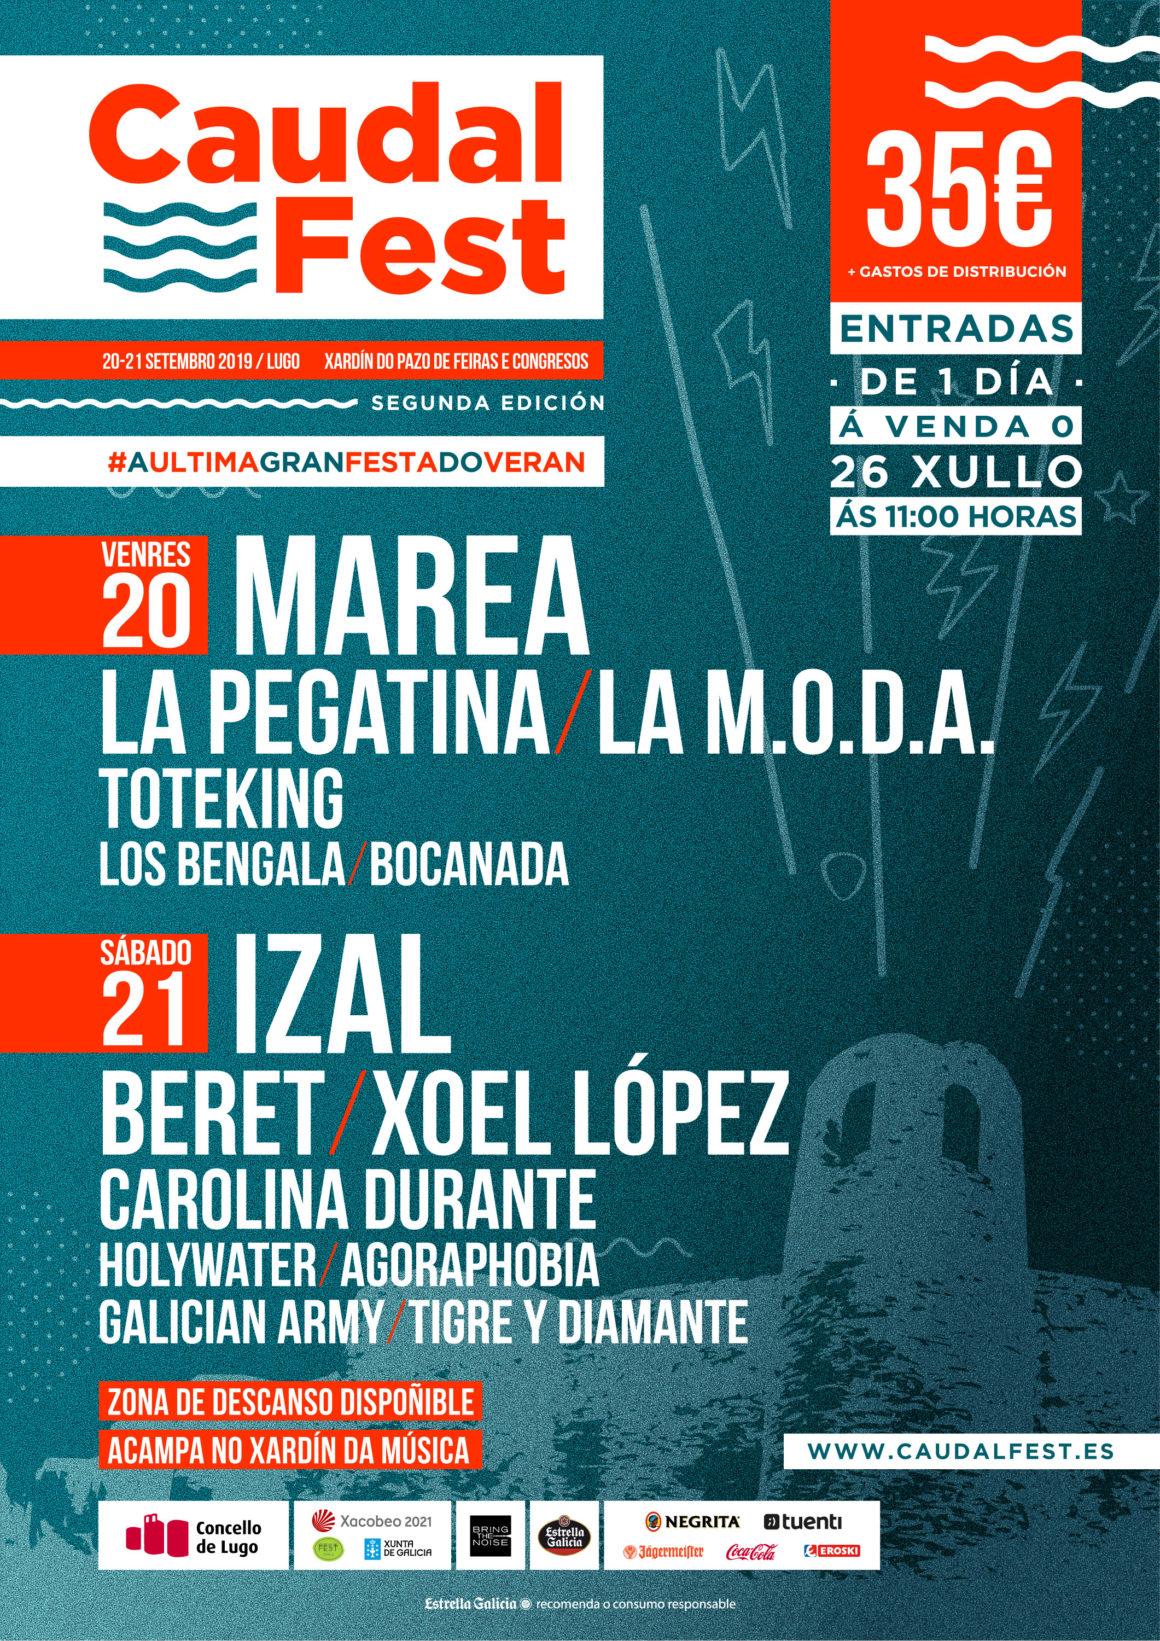 Cartel y entradas por días del Caudal Fest 2019